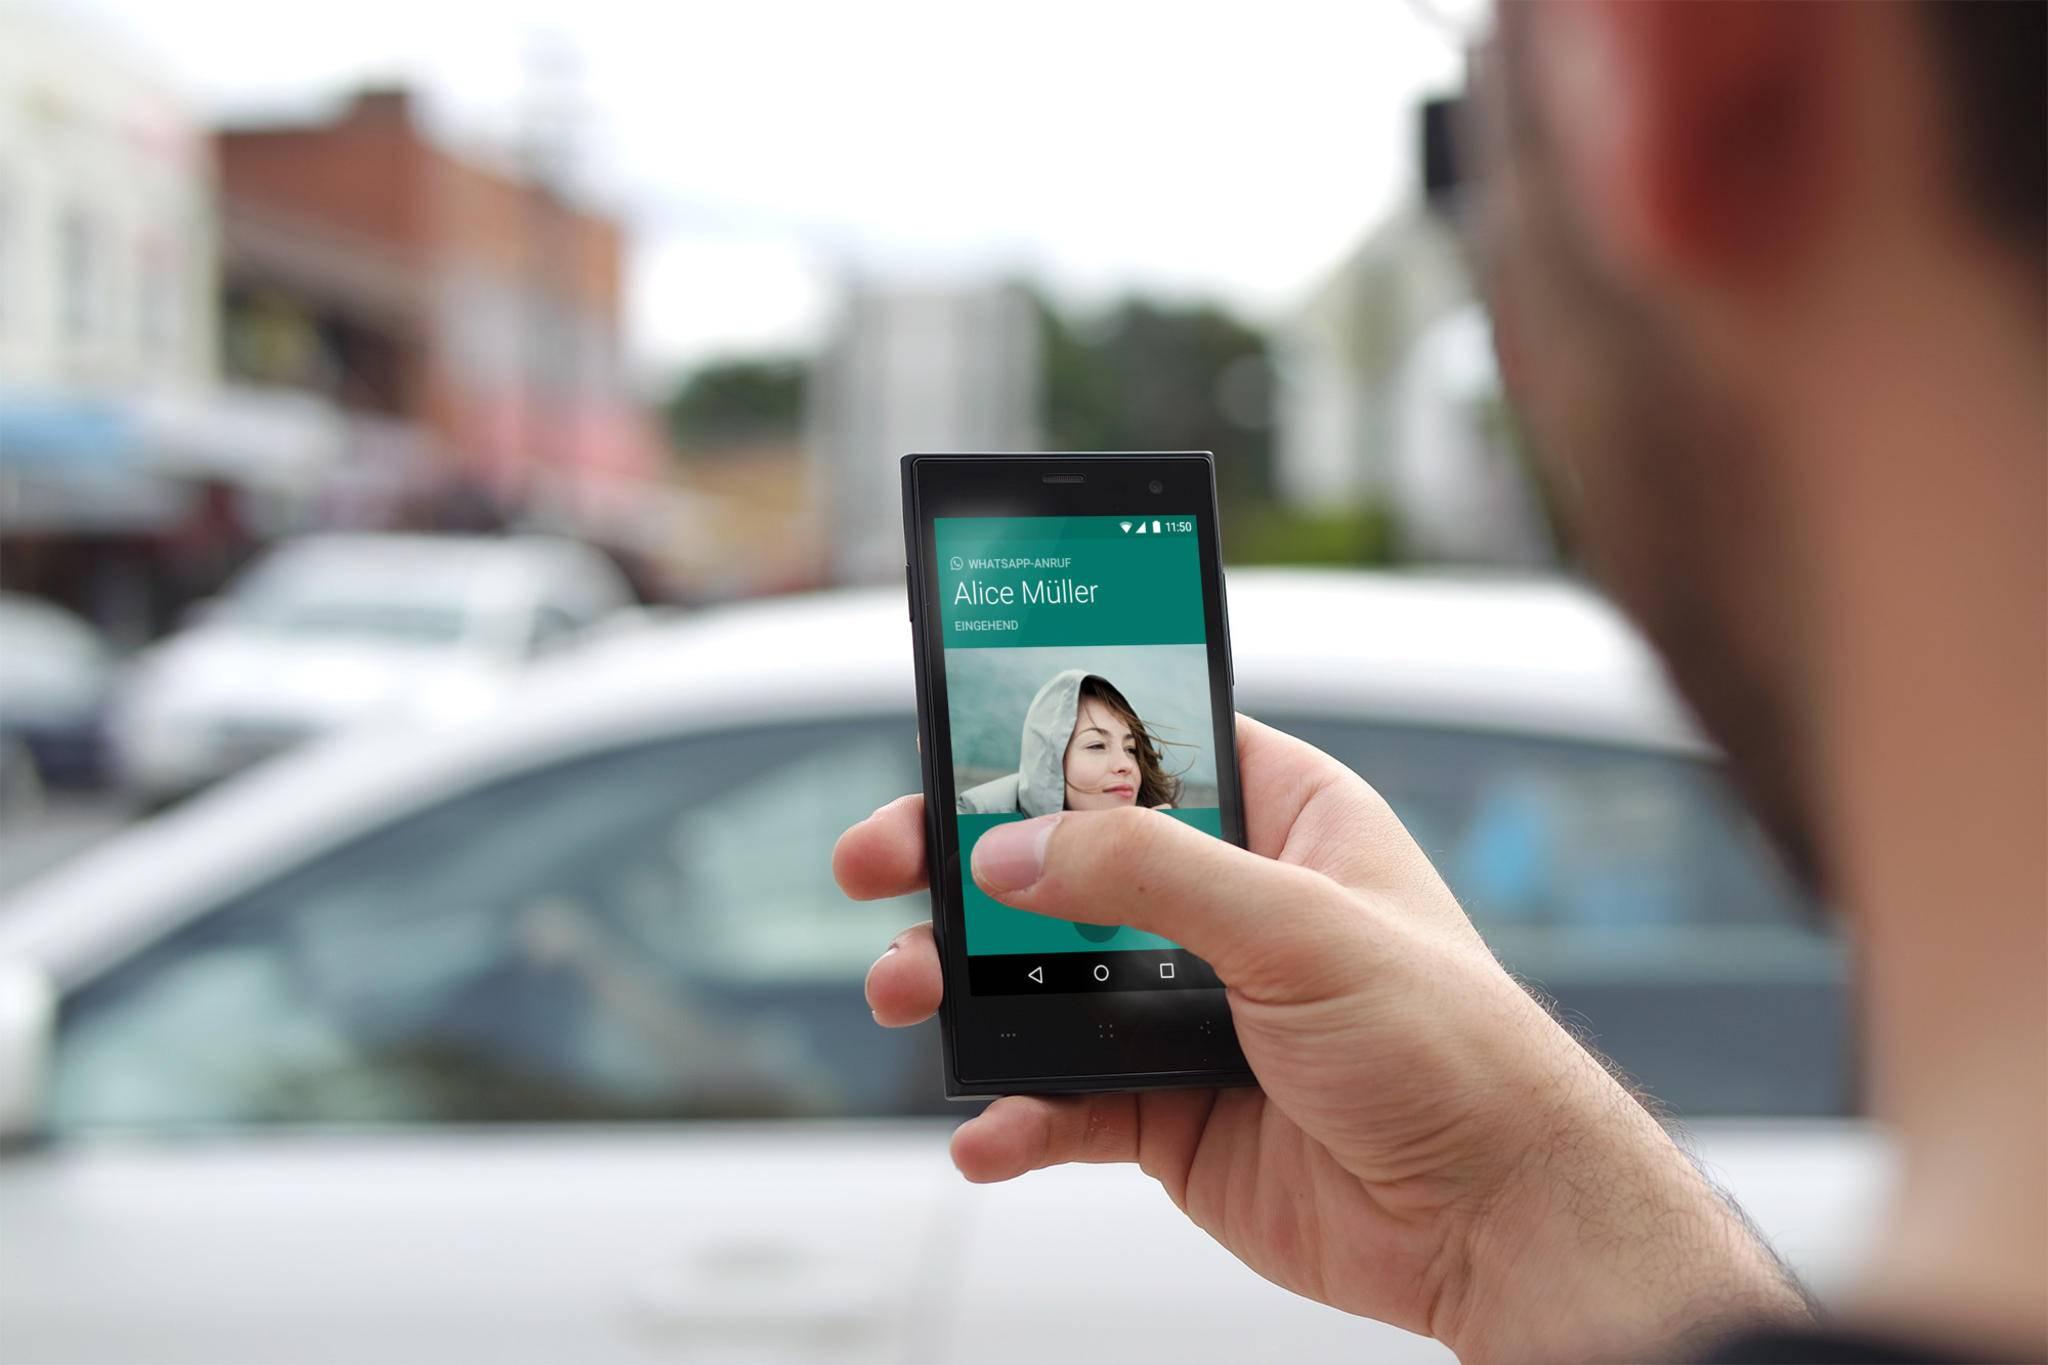 WhatsApp benötigt zum Versenden von Fotos Zugriff auf den Android-Speicher.